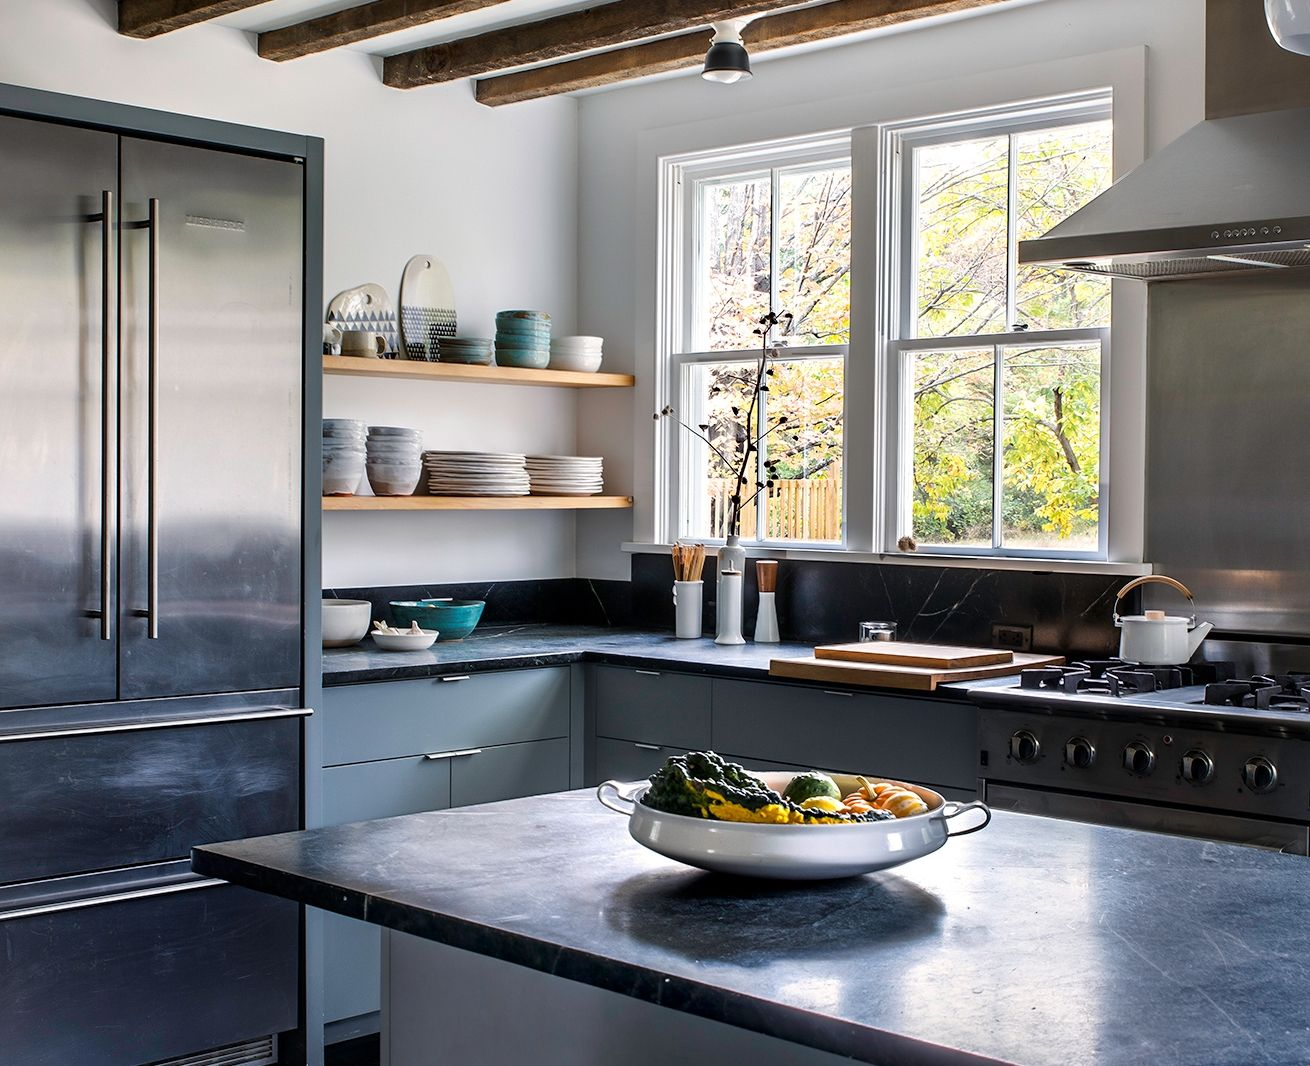 Kitchen Of The Week Hudson Valley Farmhouse Kitchen Reborn Remodelista In 2020 Kitchen Interior Design Modern Interior Design Kitchen Farmhouse Kitchen Remodel